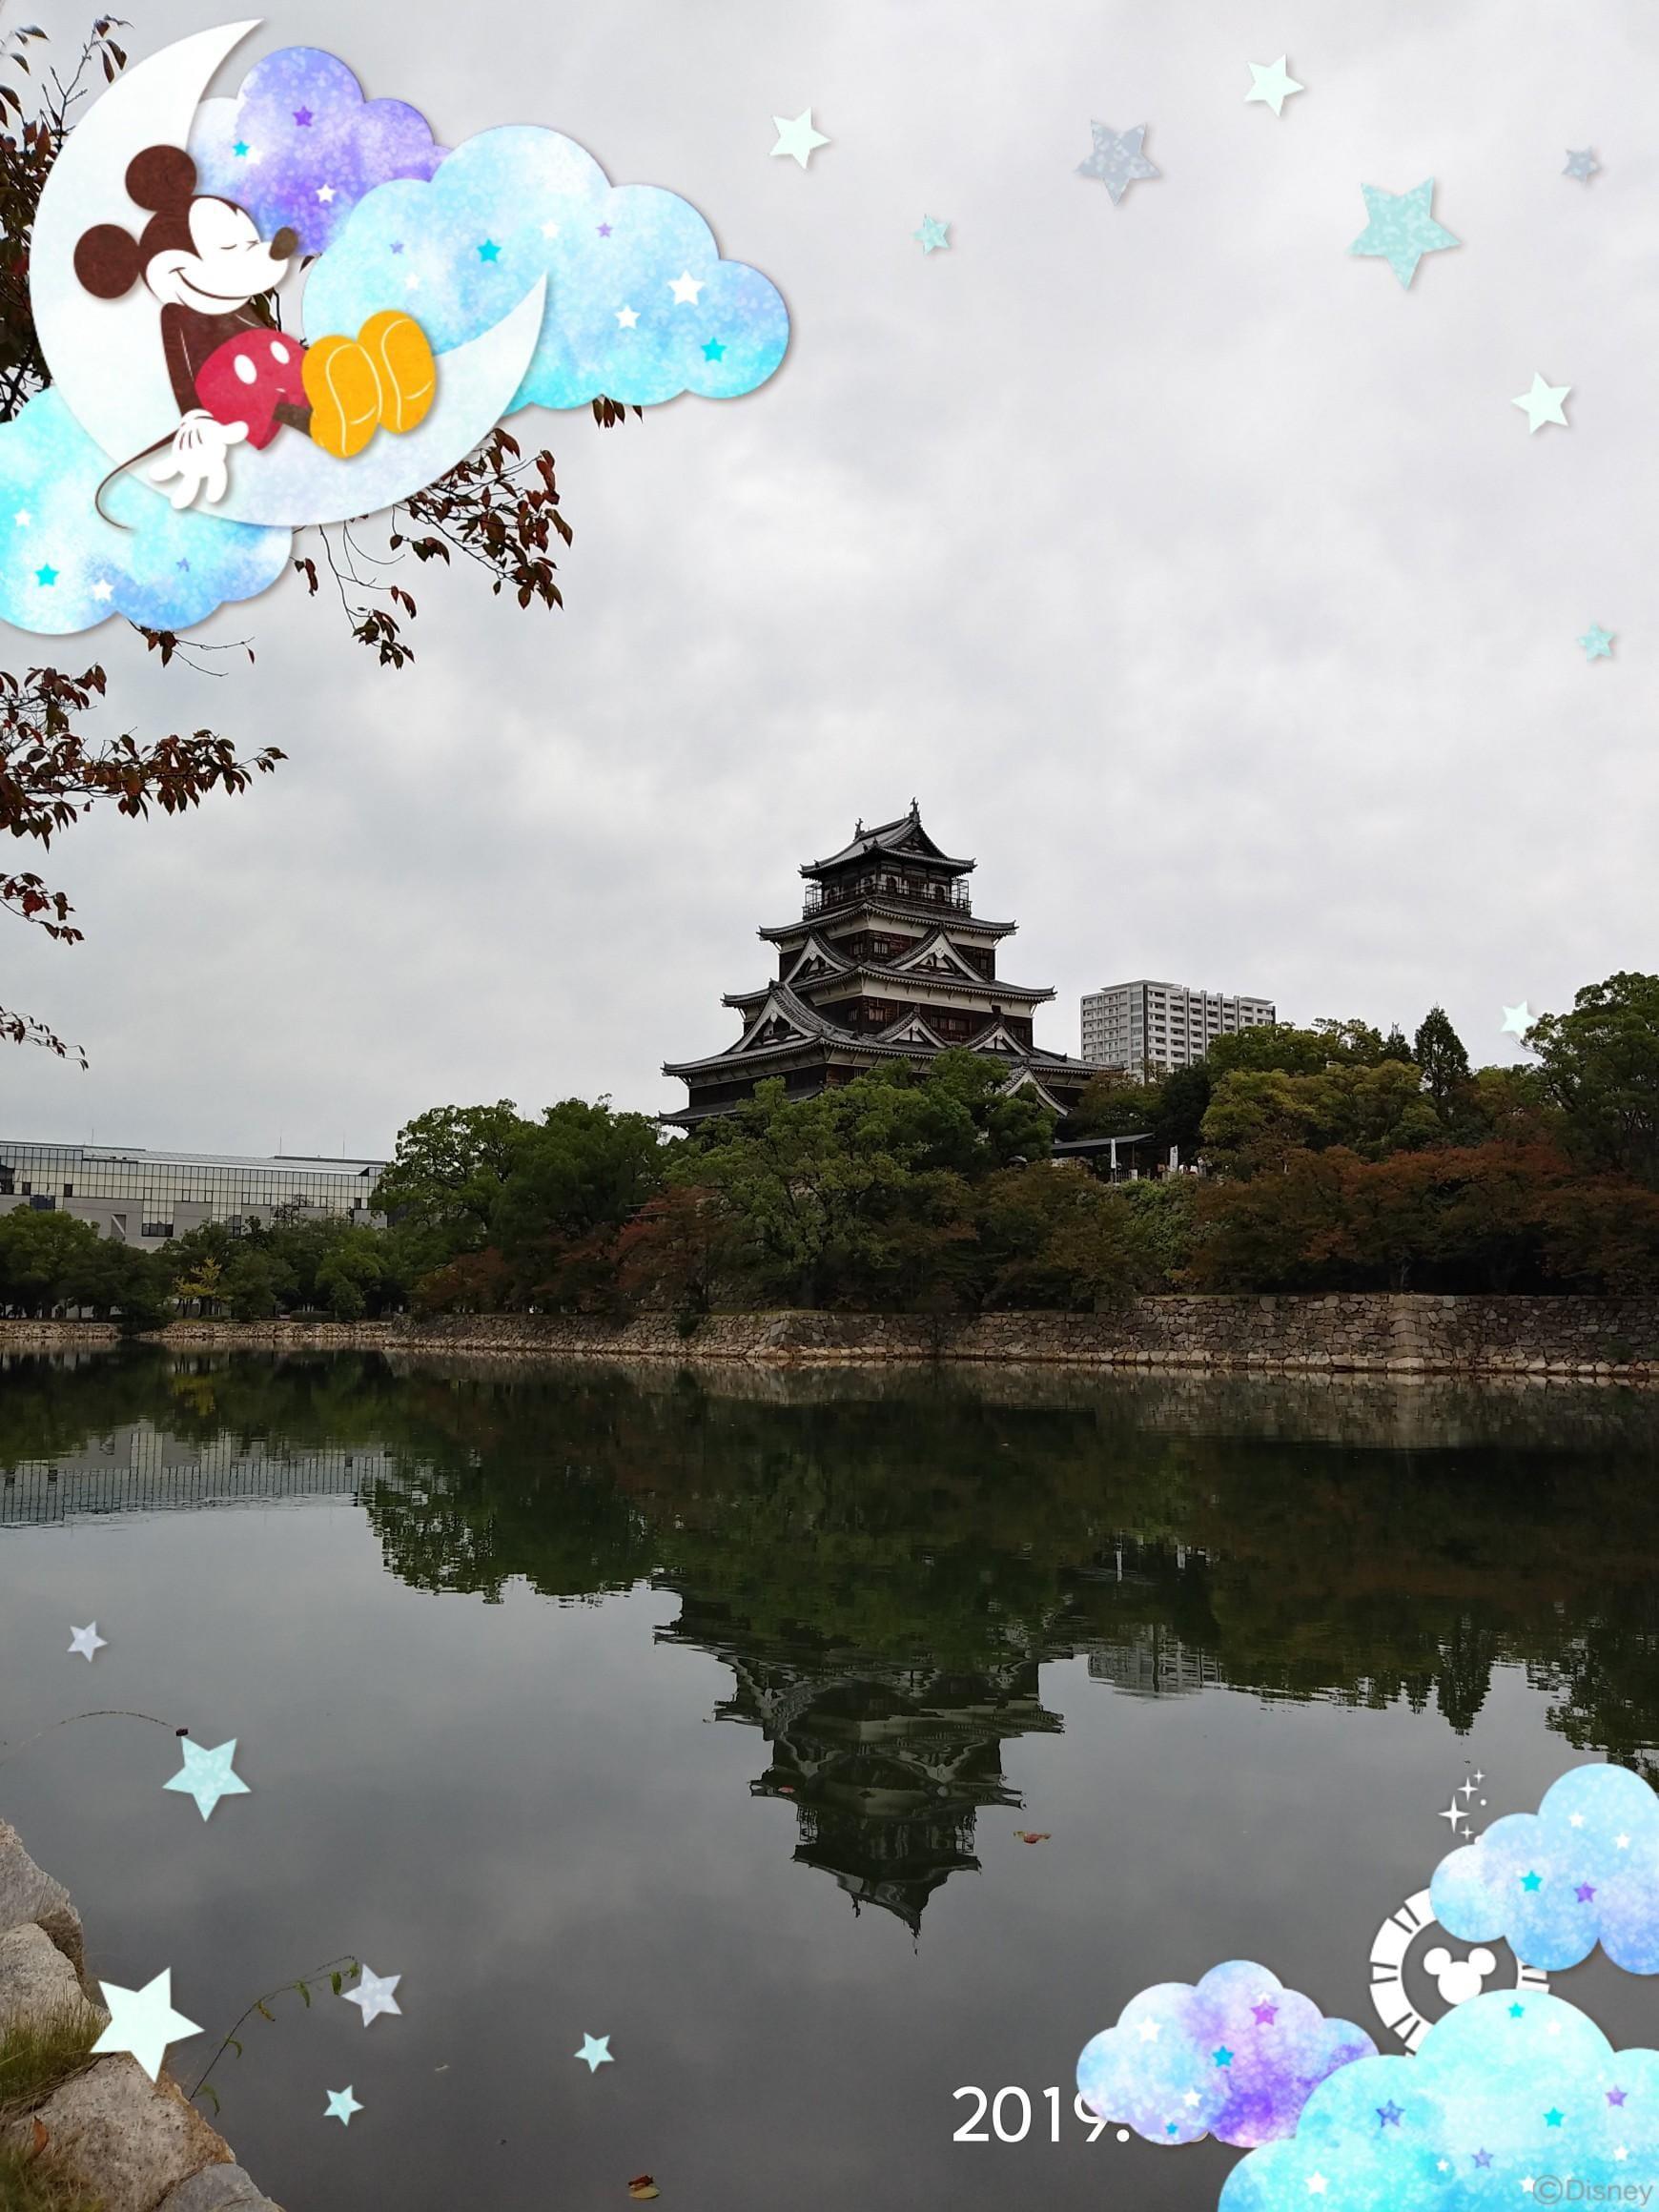 春田和佳奈「どこ?」10/23(水) 13:34 | 春田和佳奈の写メ・風俗動画